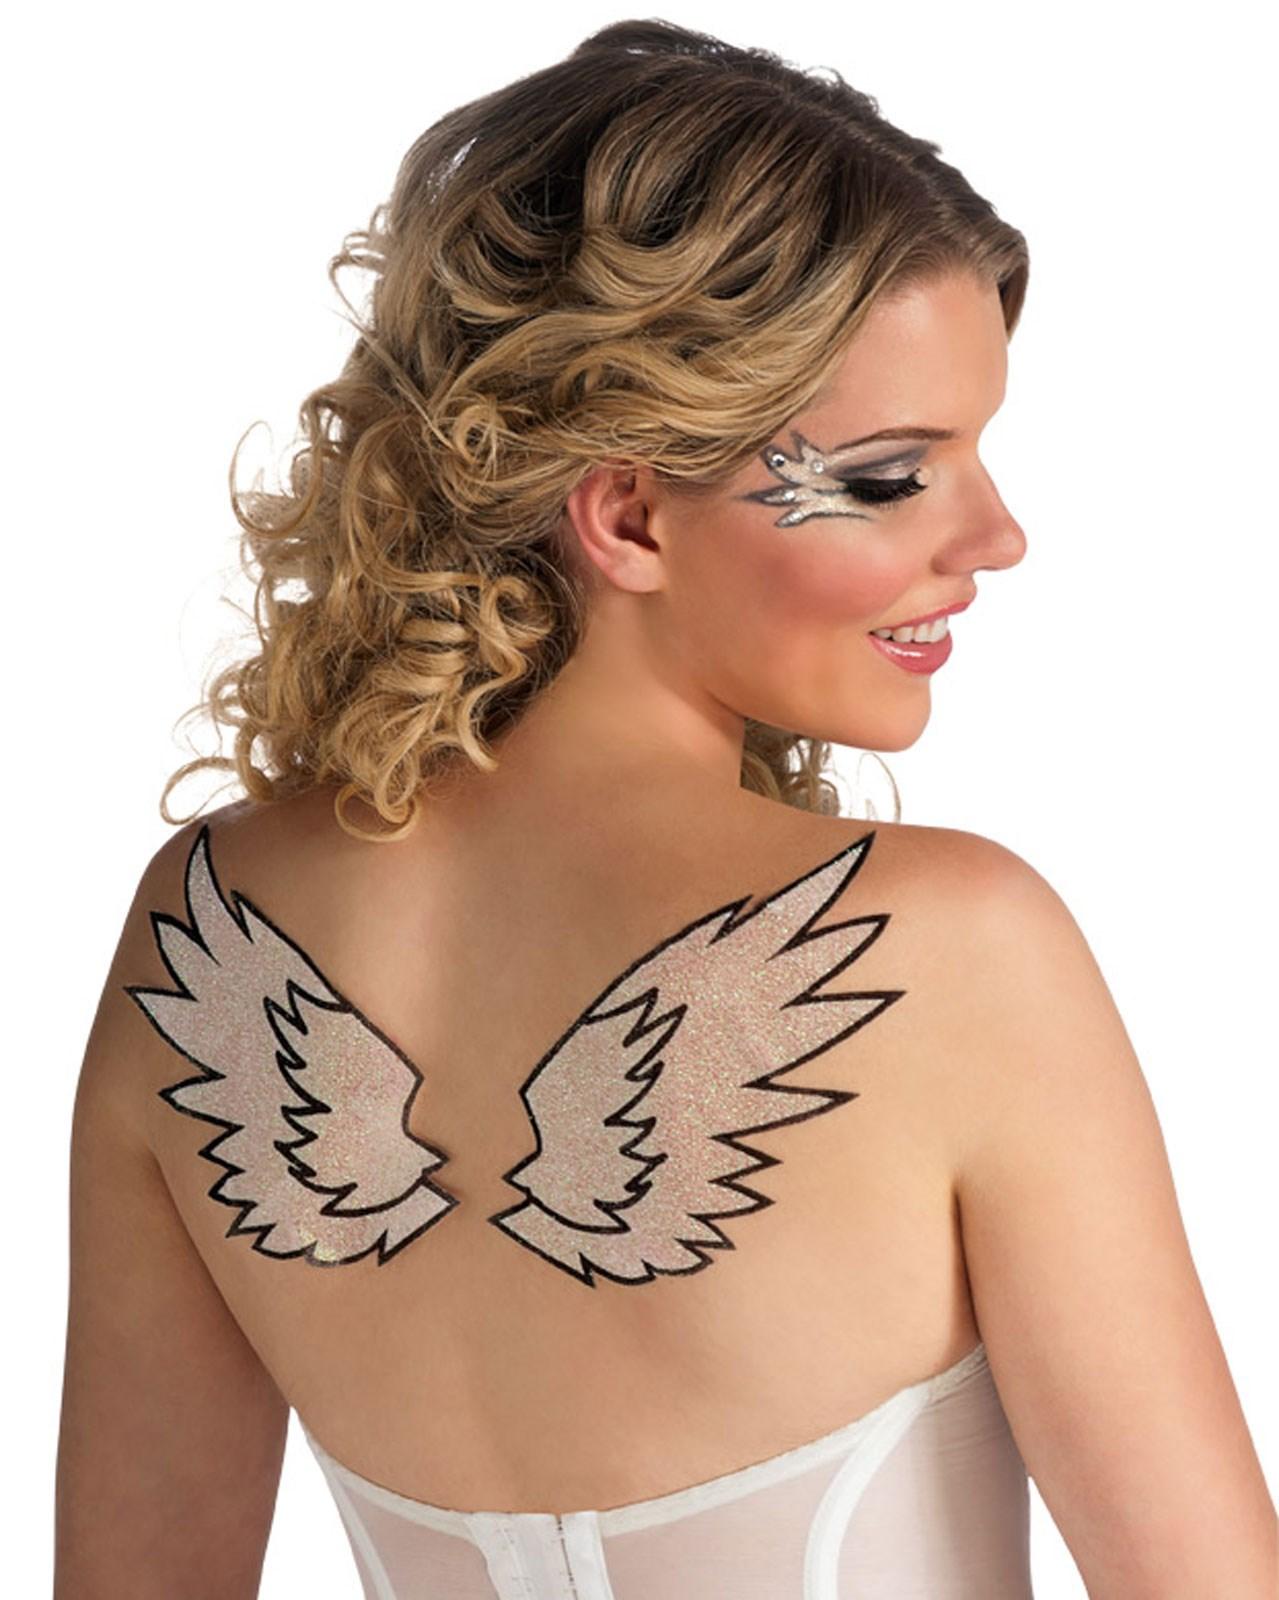 Image of Angel Wings Tattoos